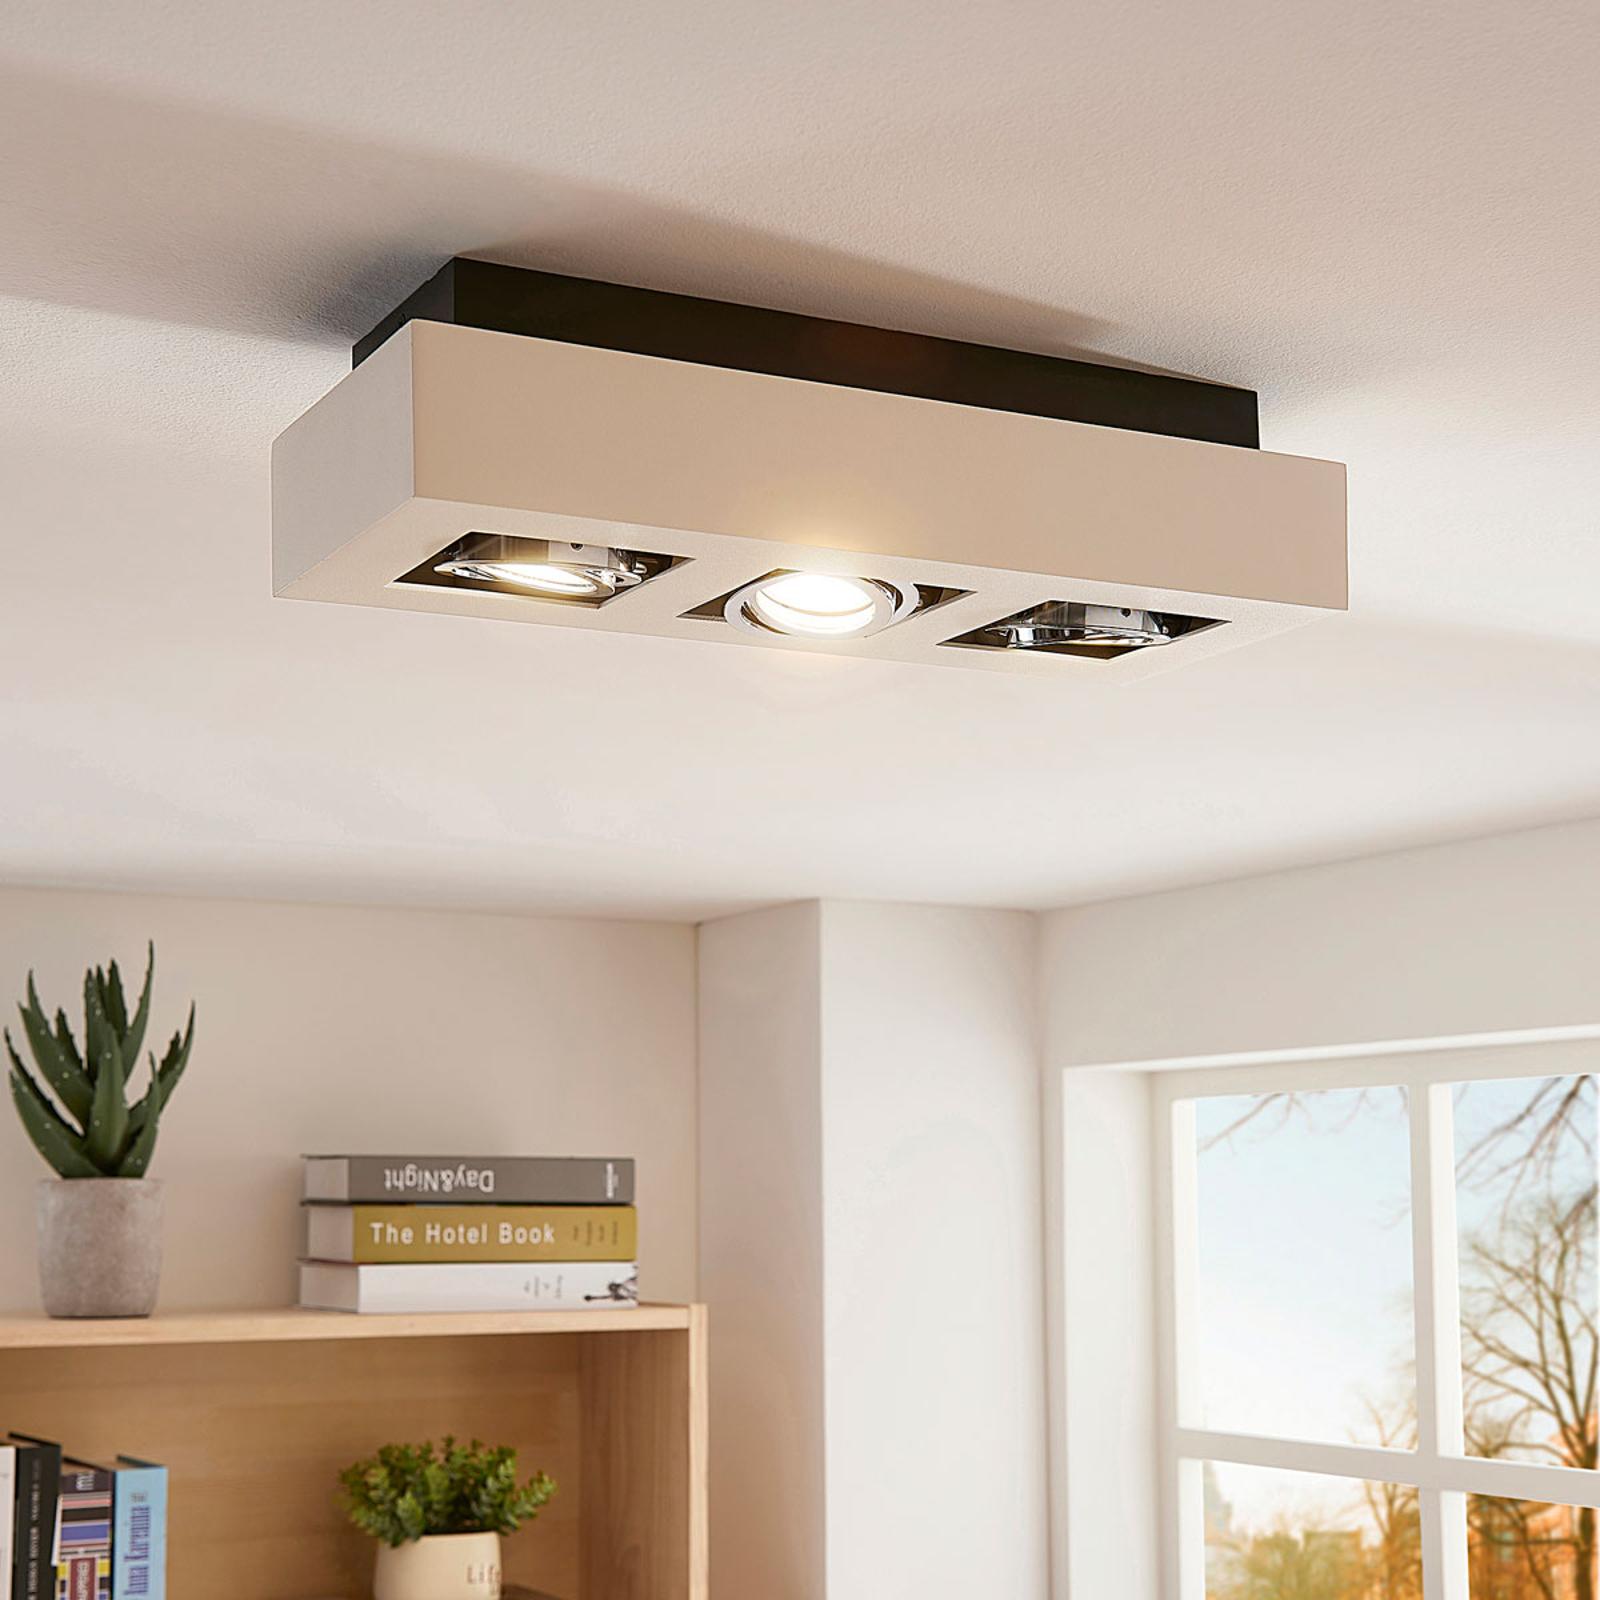 LED-loftslampen Vince i hvid, 3 lyskilder